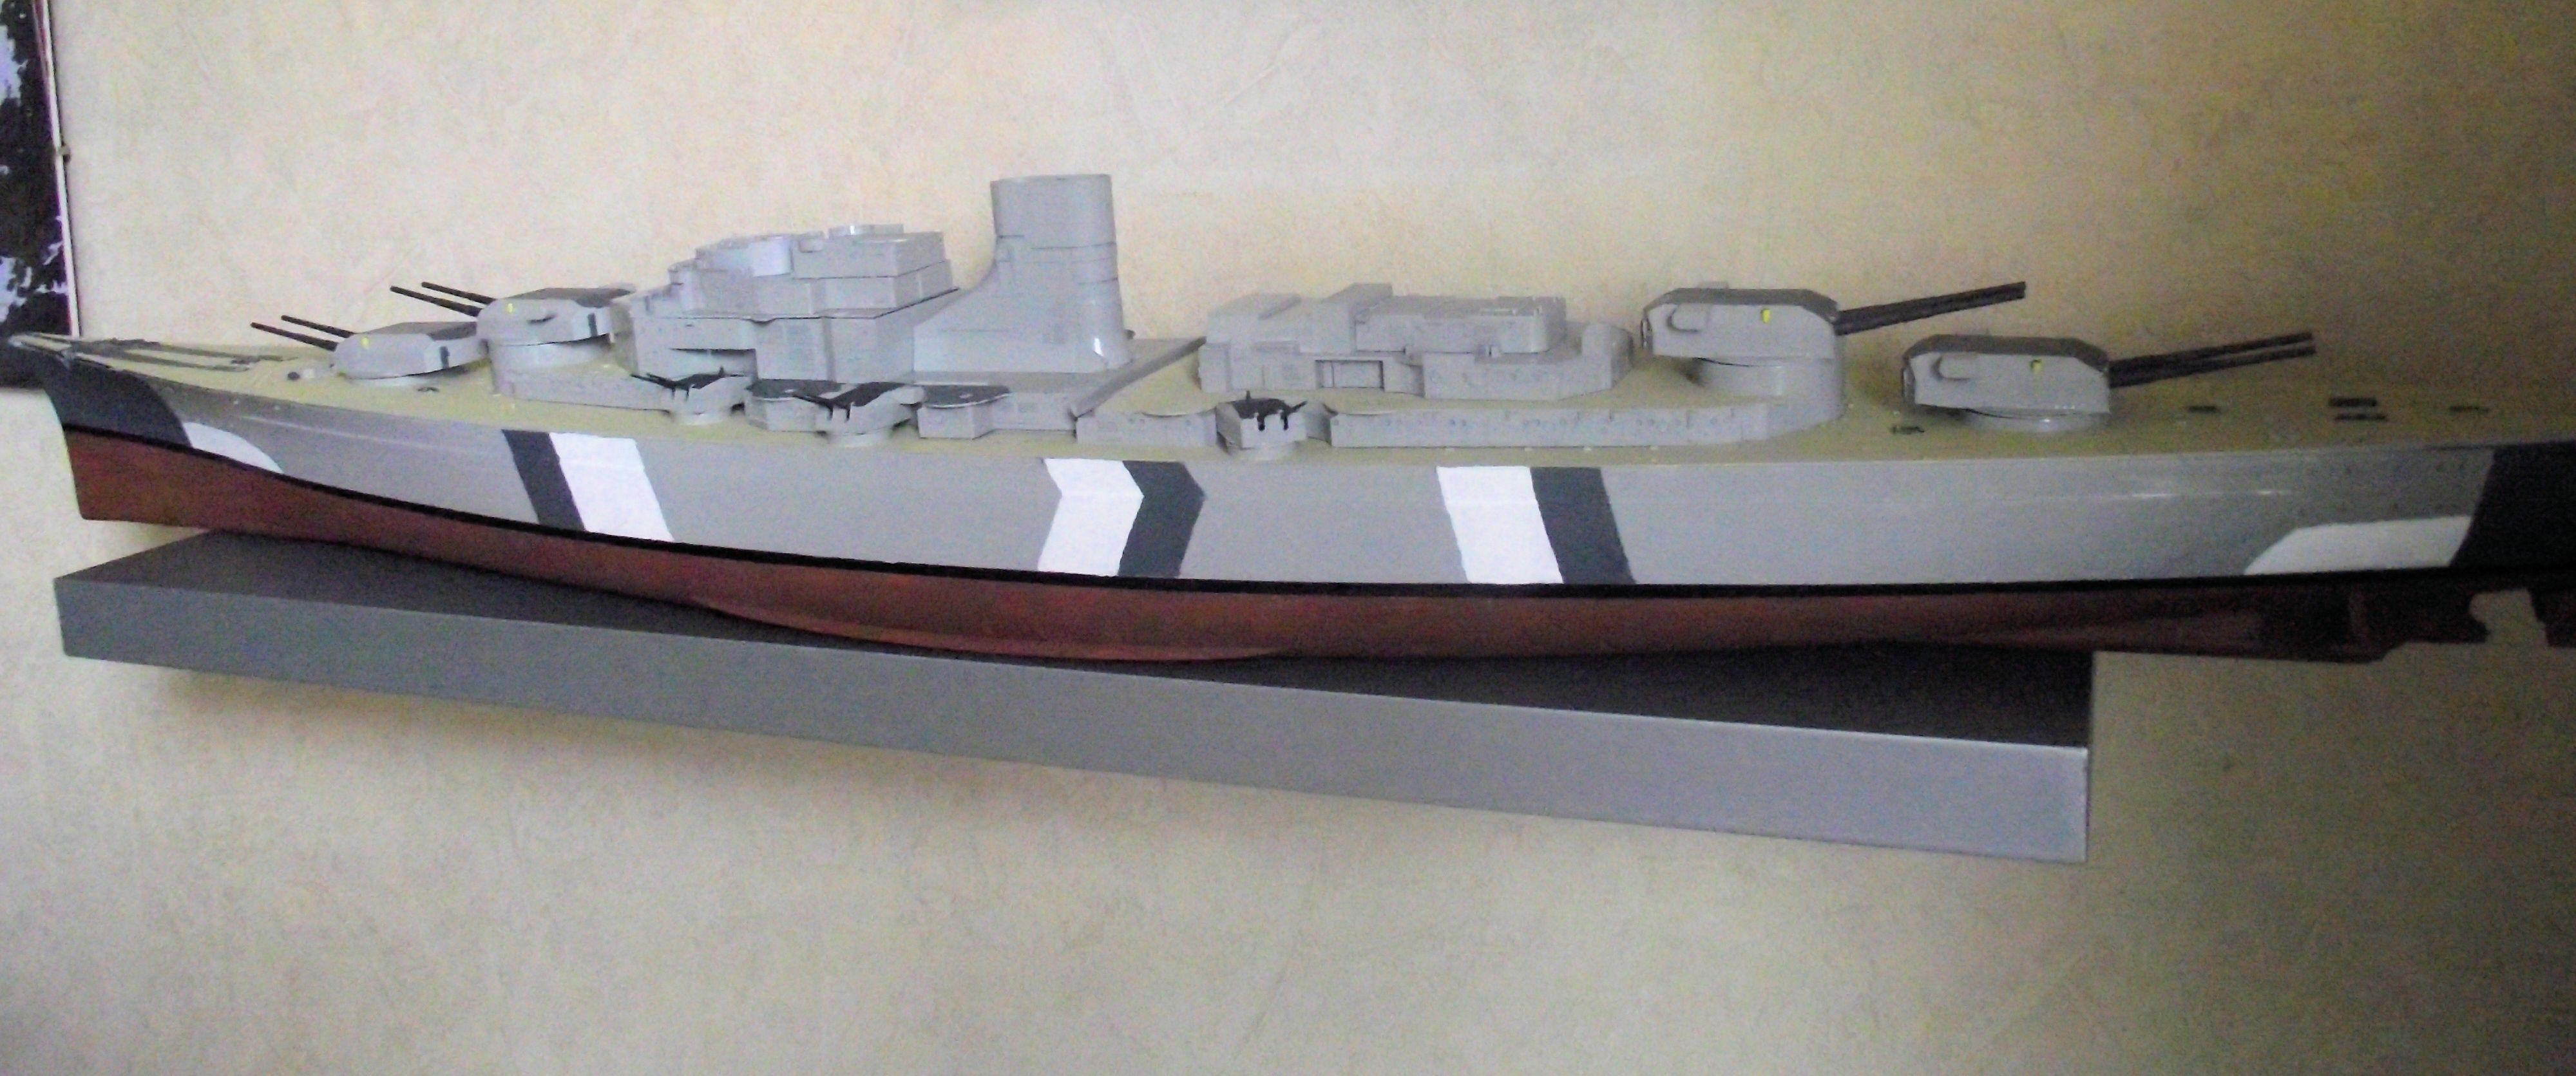 Bismarck au 1/200 Trumpetter  - Page 4 734805DSCF0788